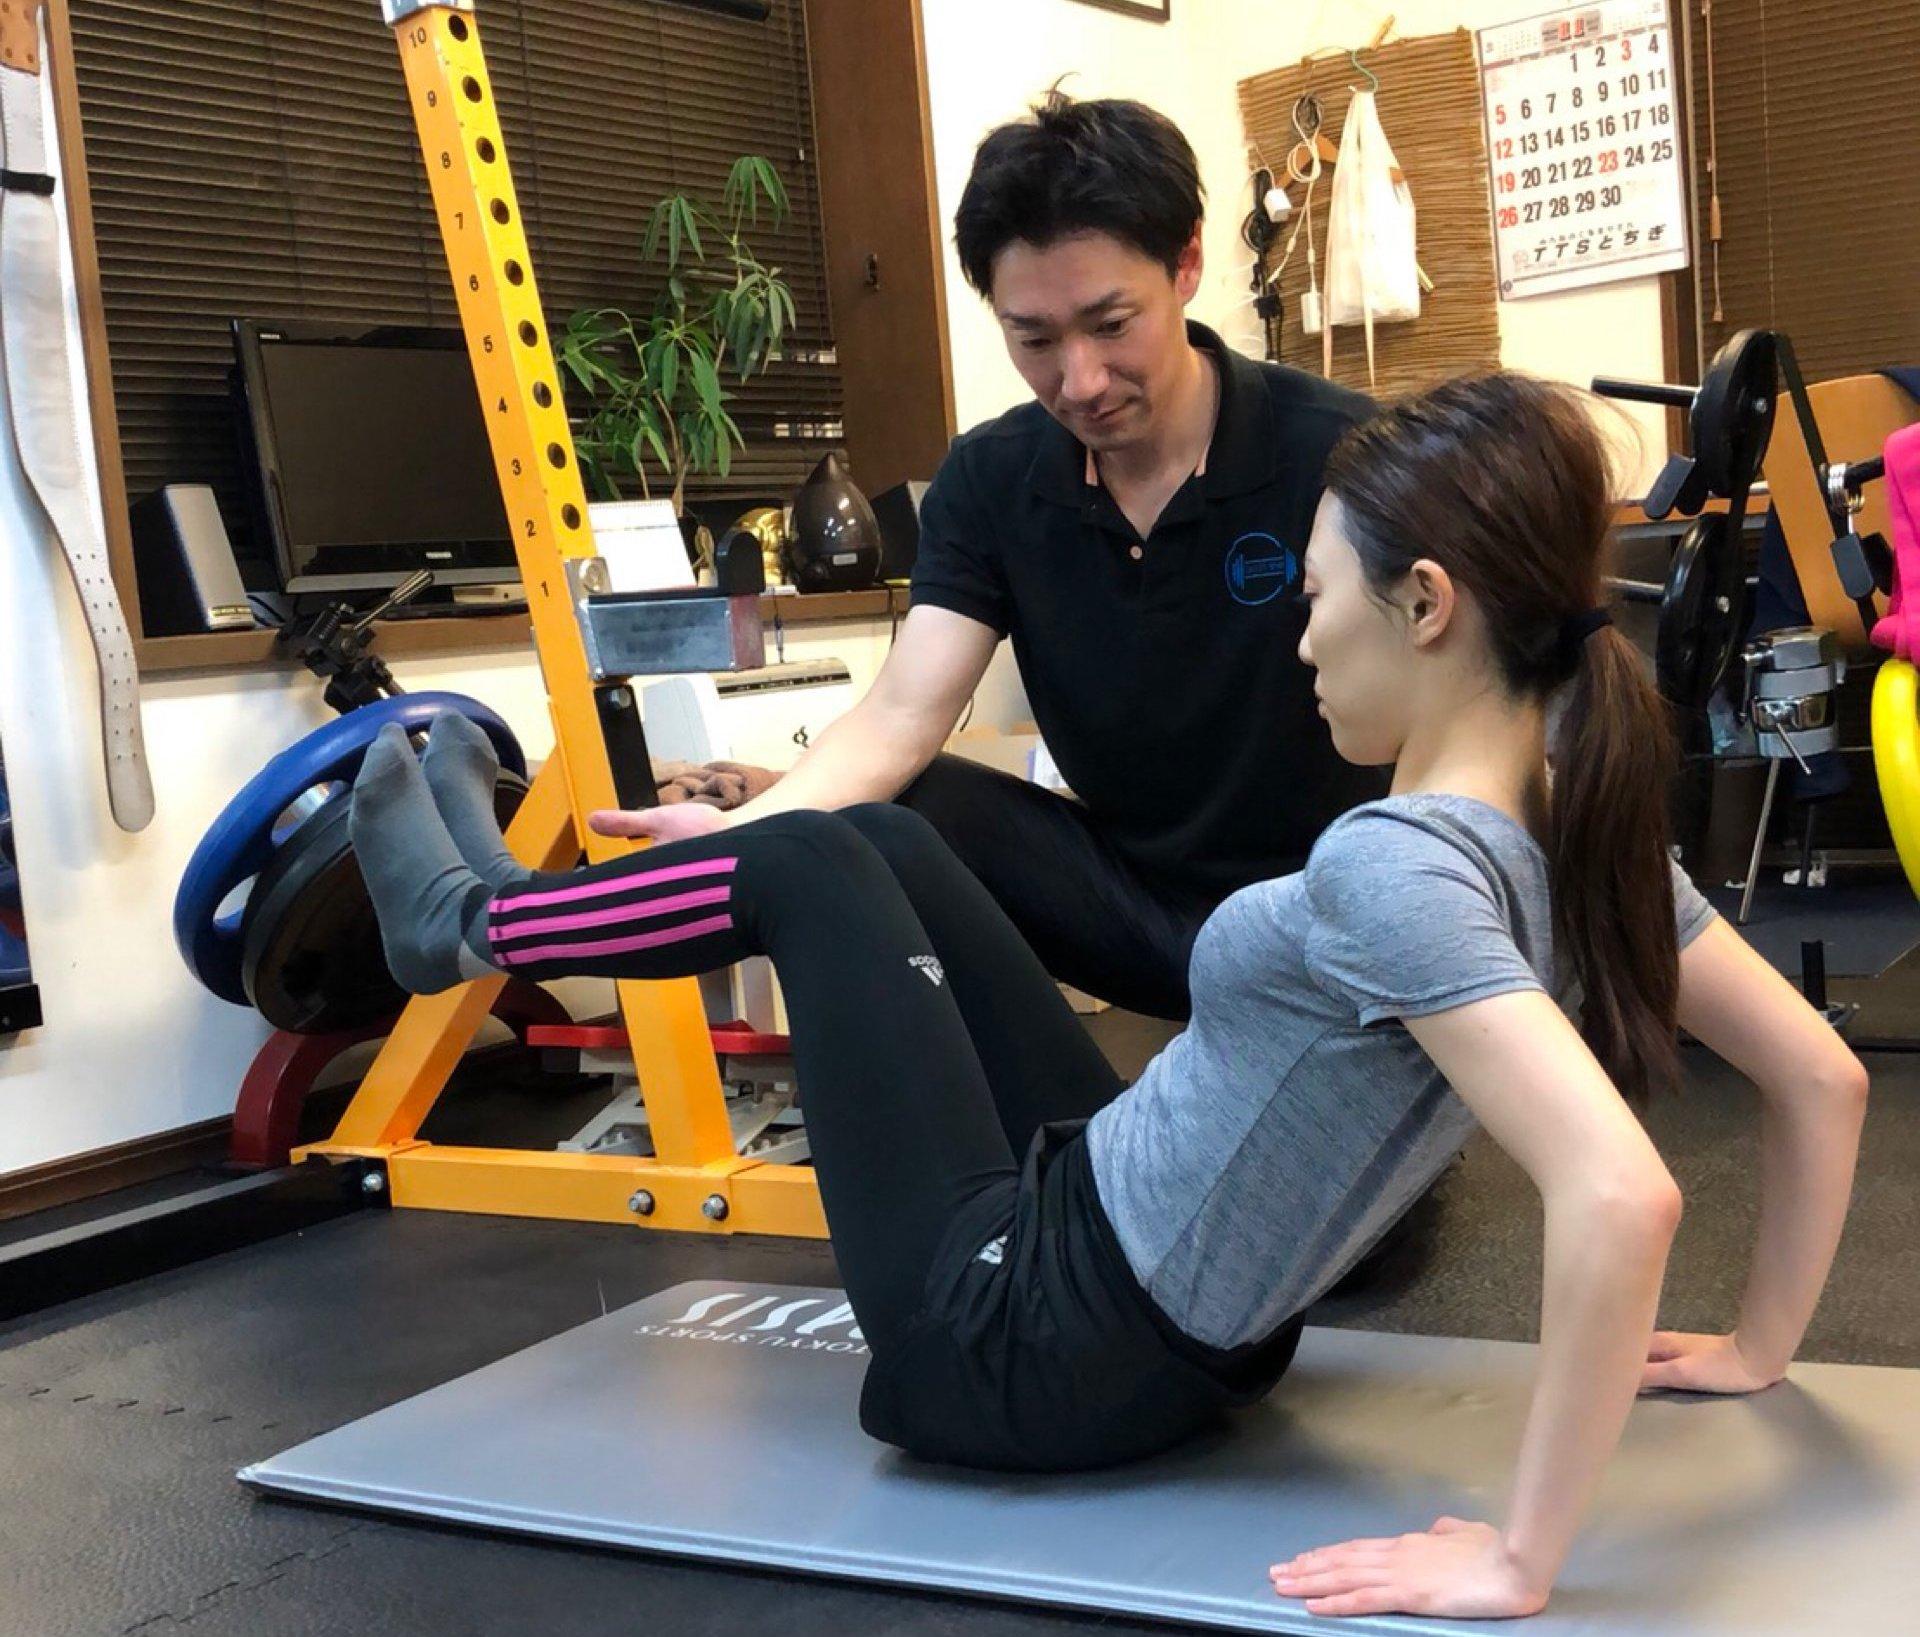 【体質改善】宇都宮のおすすめパーソナルトレーニングジム10選!安い・減量など